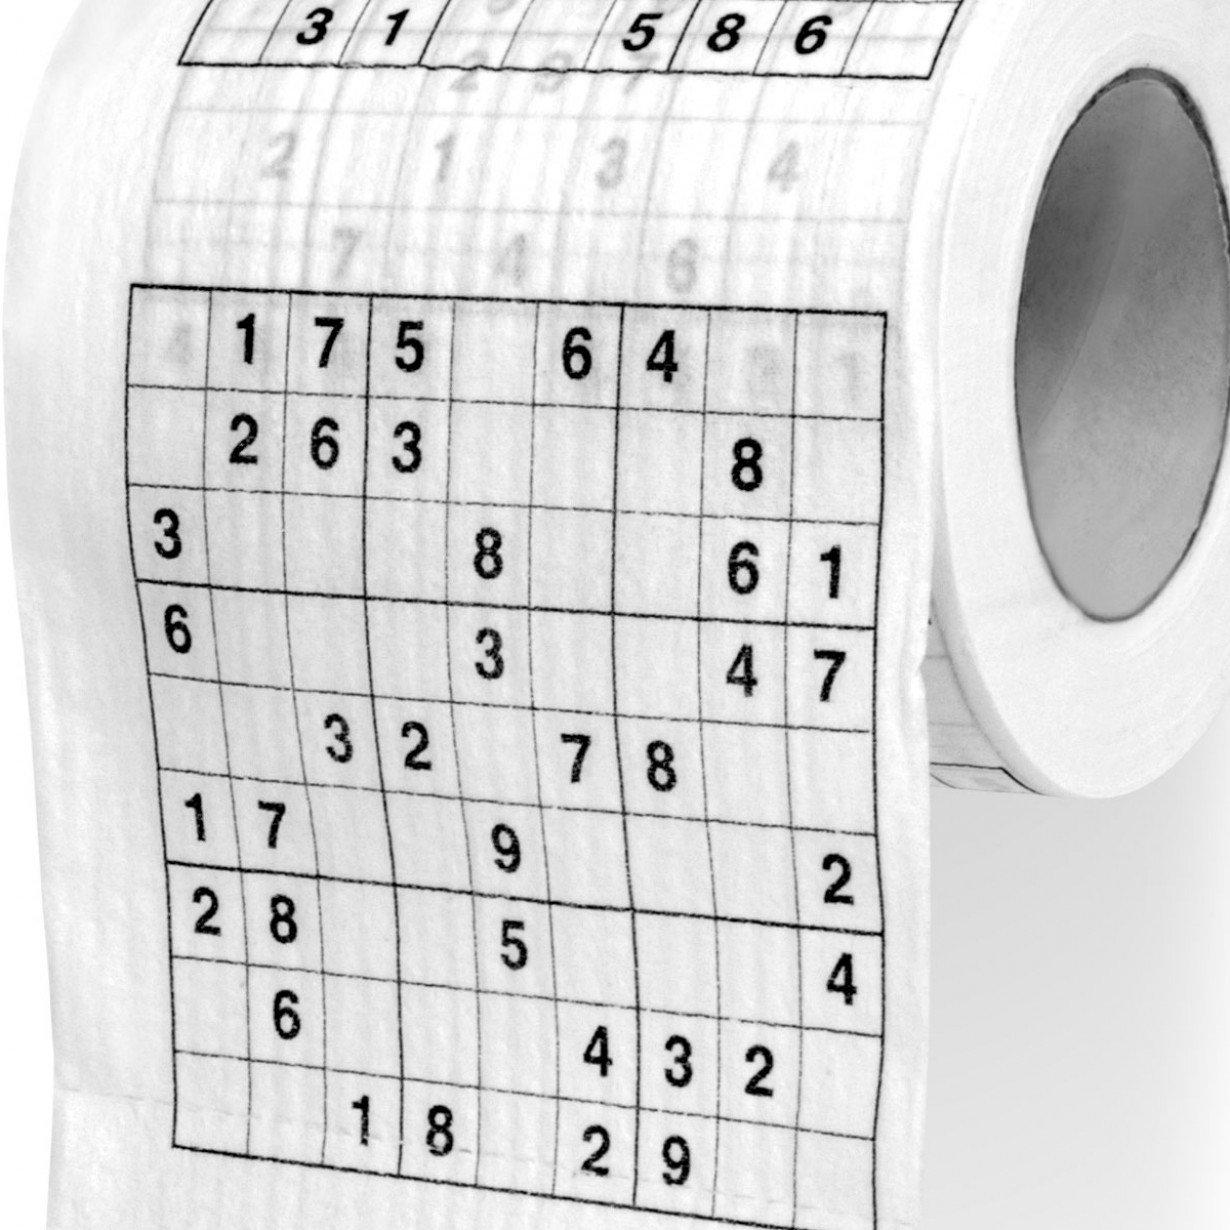 Utile pour ne pas s'ennuyer aux toilettes 😃 https://t.co/YP7sPZEfgW